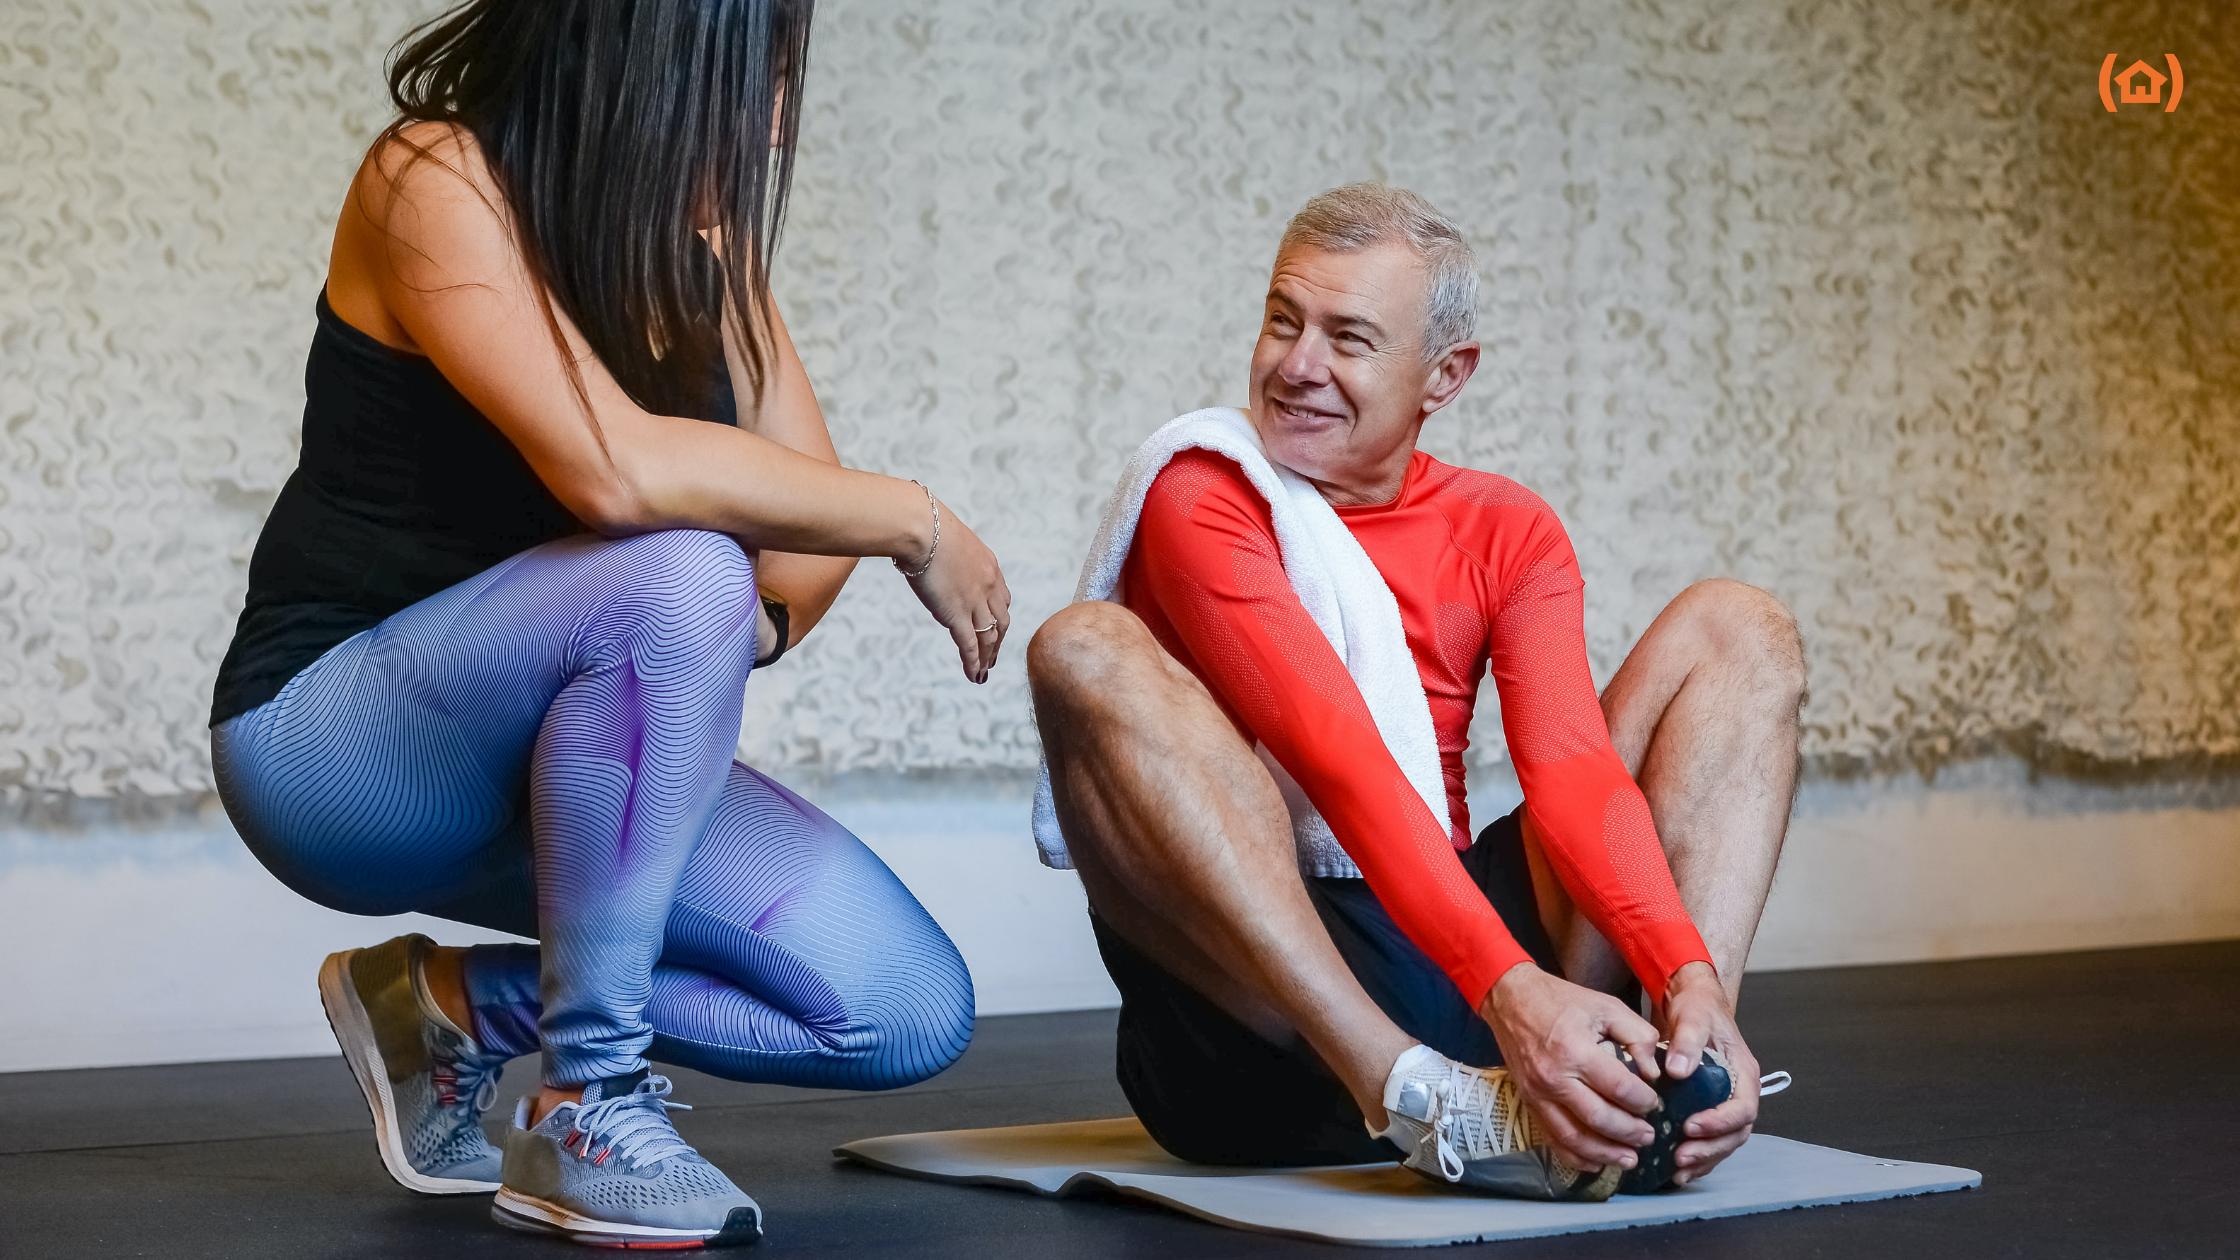 La práctica de ejercicio físico para mayores aporta grandes beneficios a su salud. Por eso, es muy recomendable que se intente llevar a cabo rutinariamente.